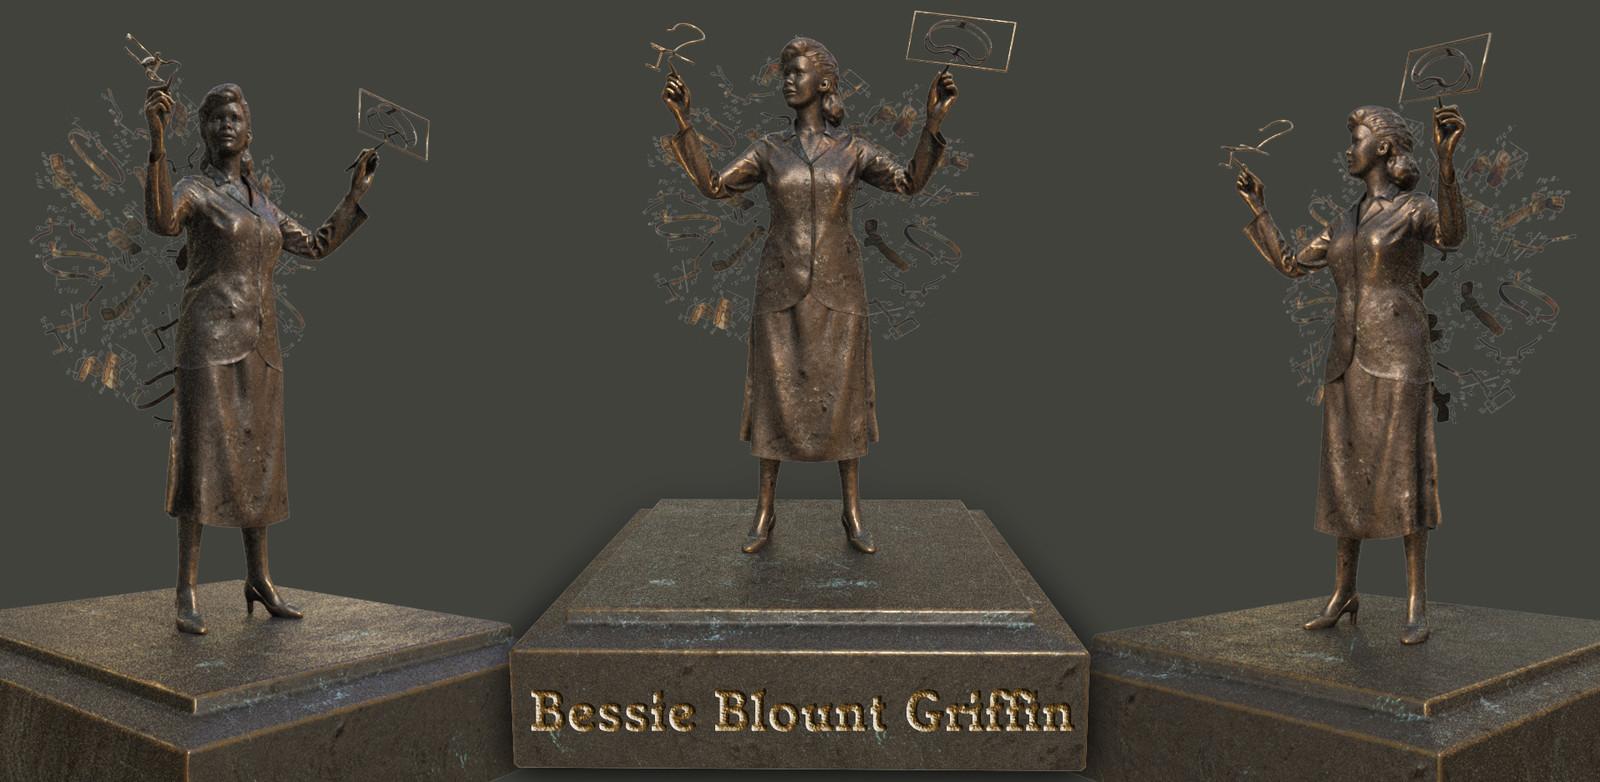 Bessie Blount Griffin, inventor & physical therapist.